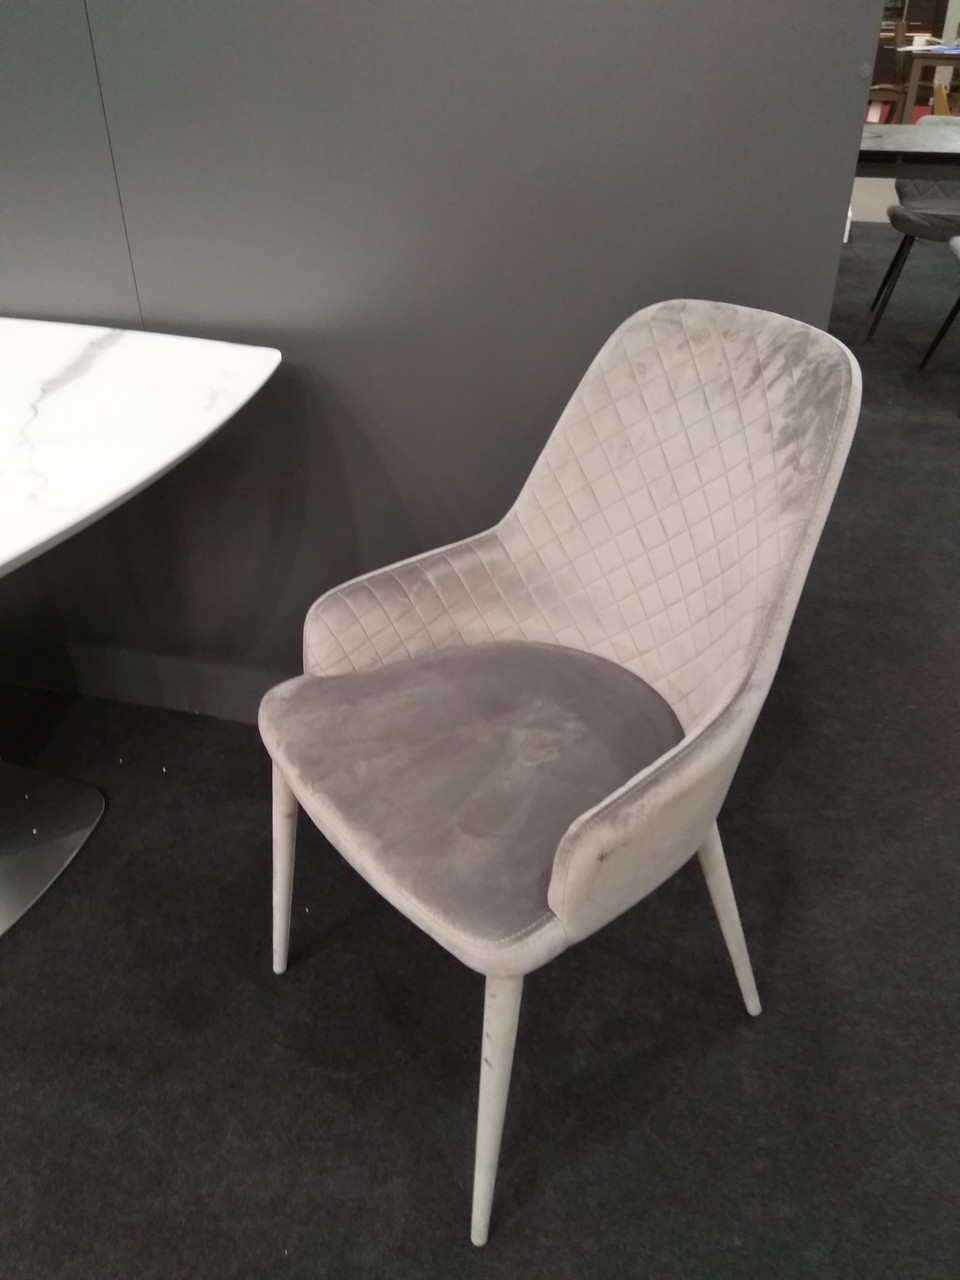 Обеденное кресло ELIZABETH (Элизабет) серый велюр от Concepto